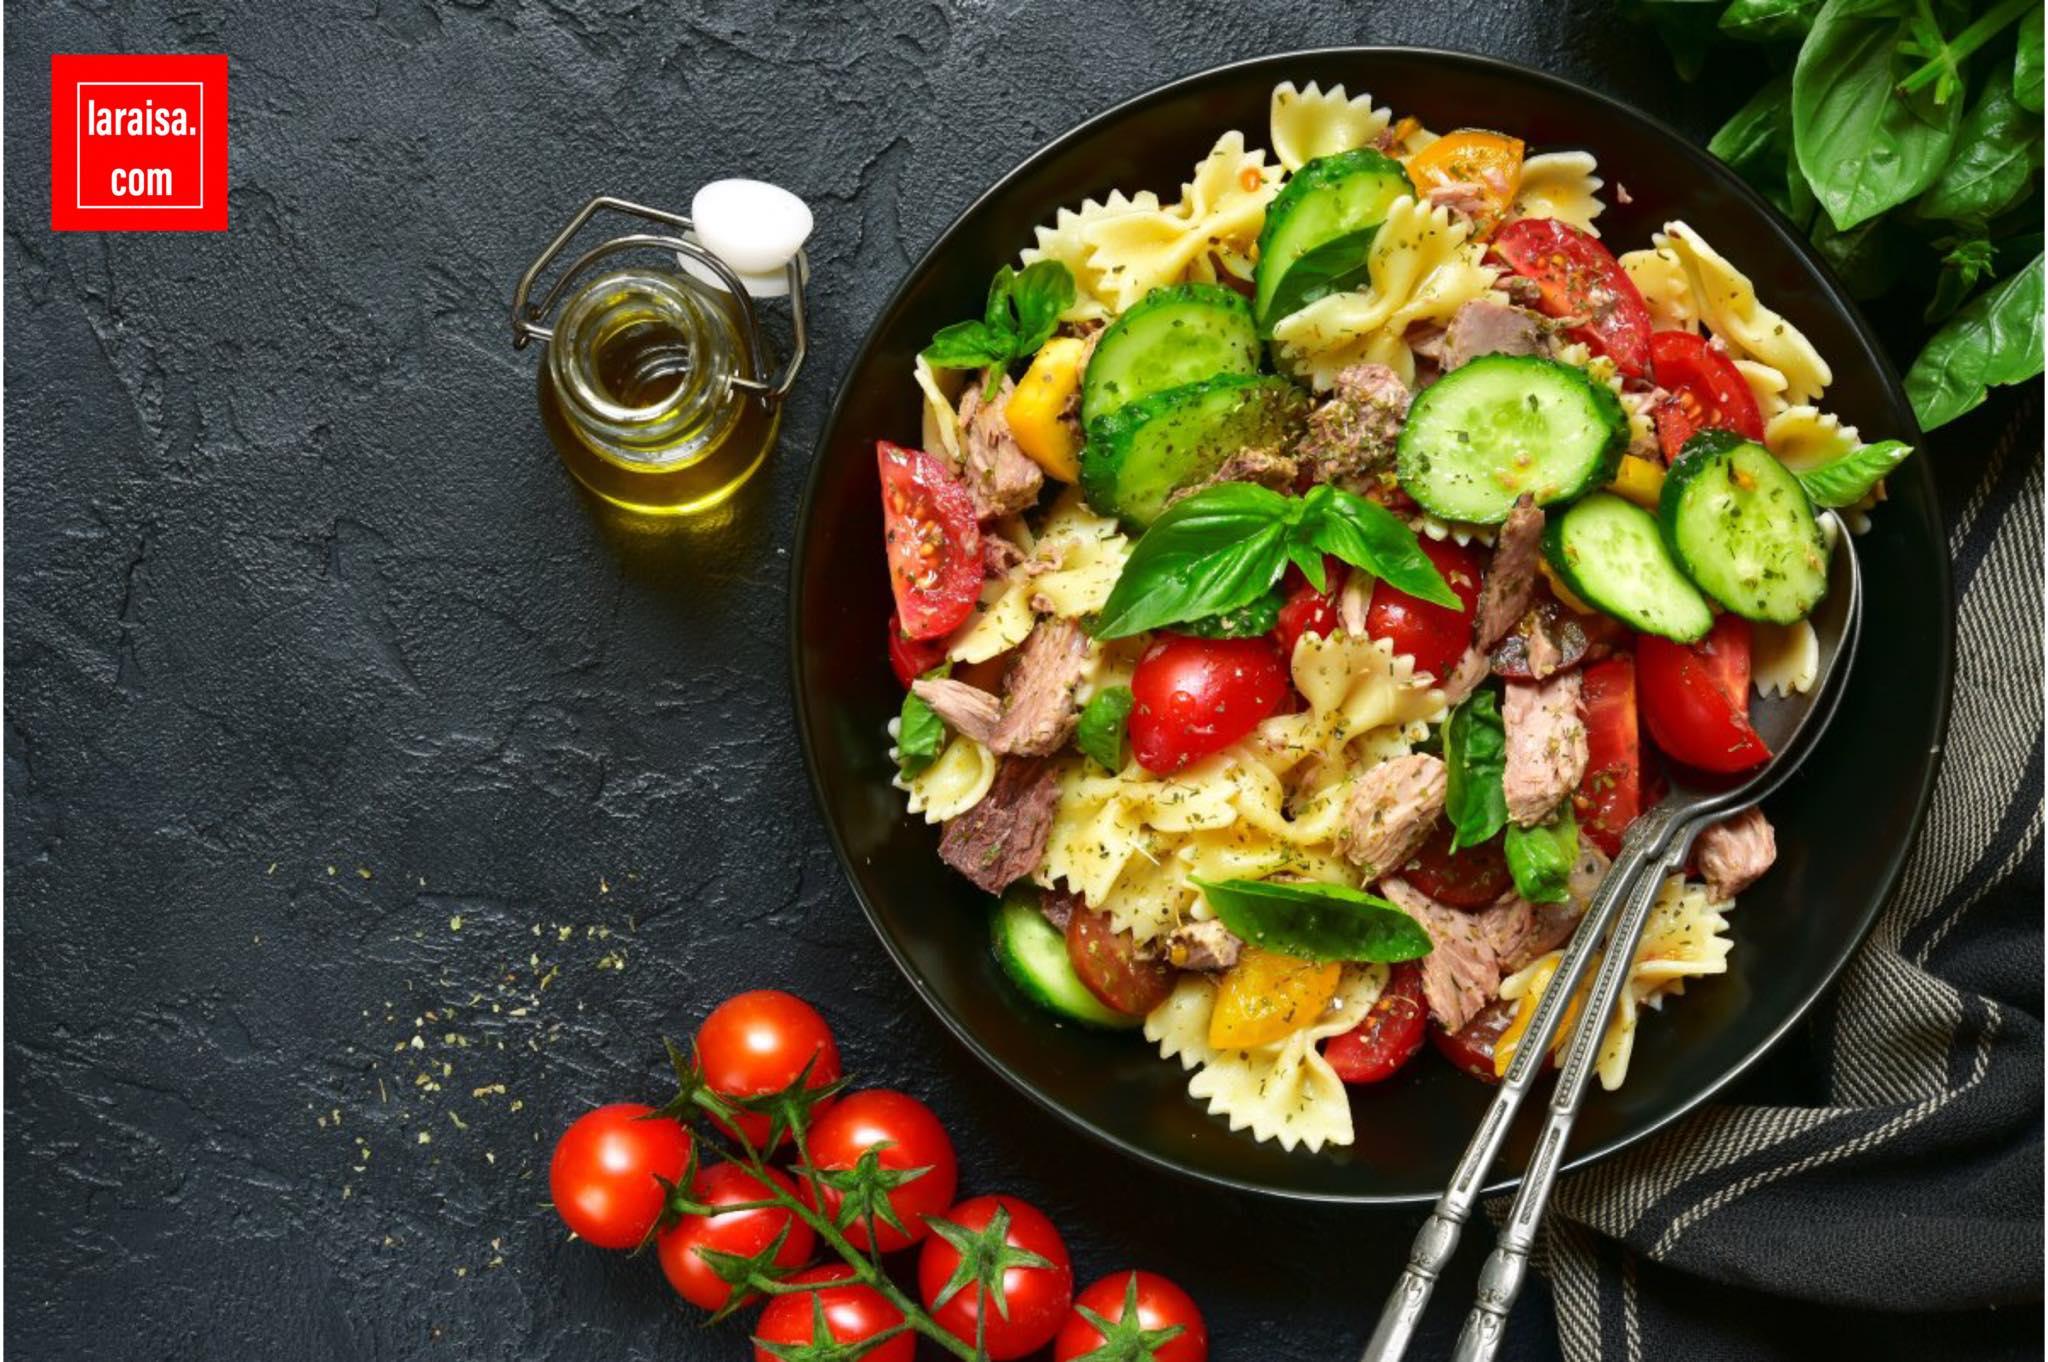 مقبلات سلطة المعكرونة مع التونة والطماطم